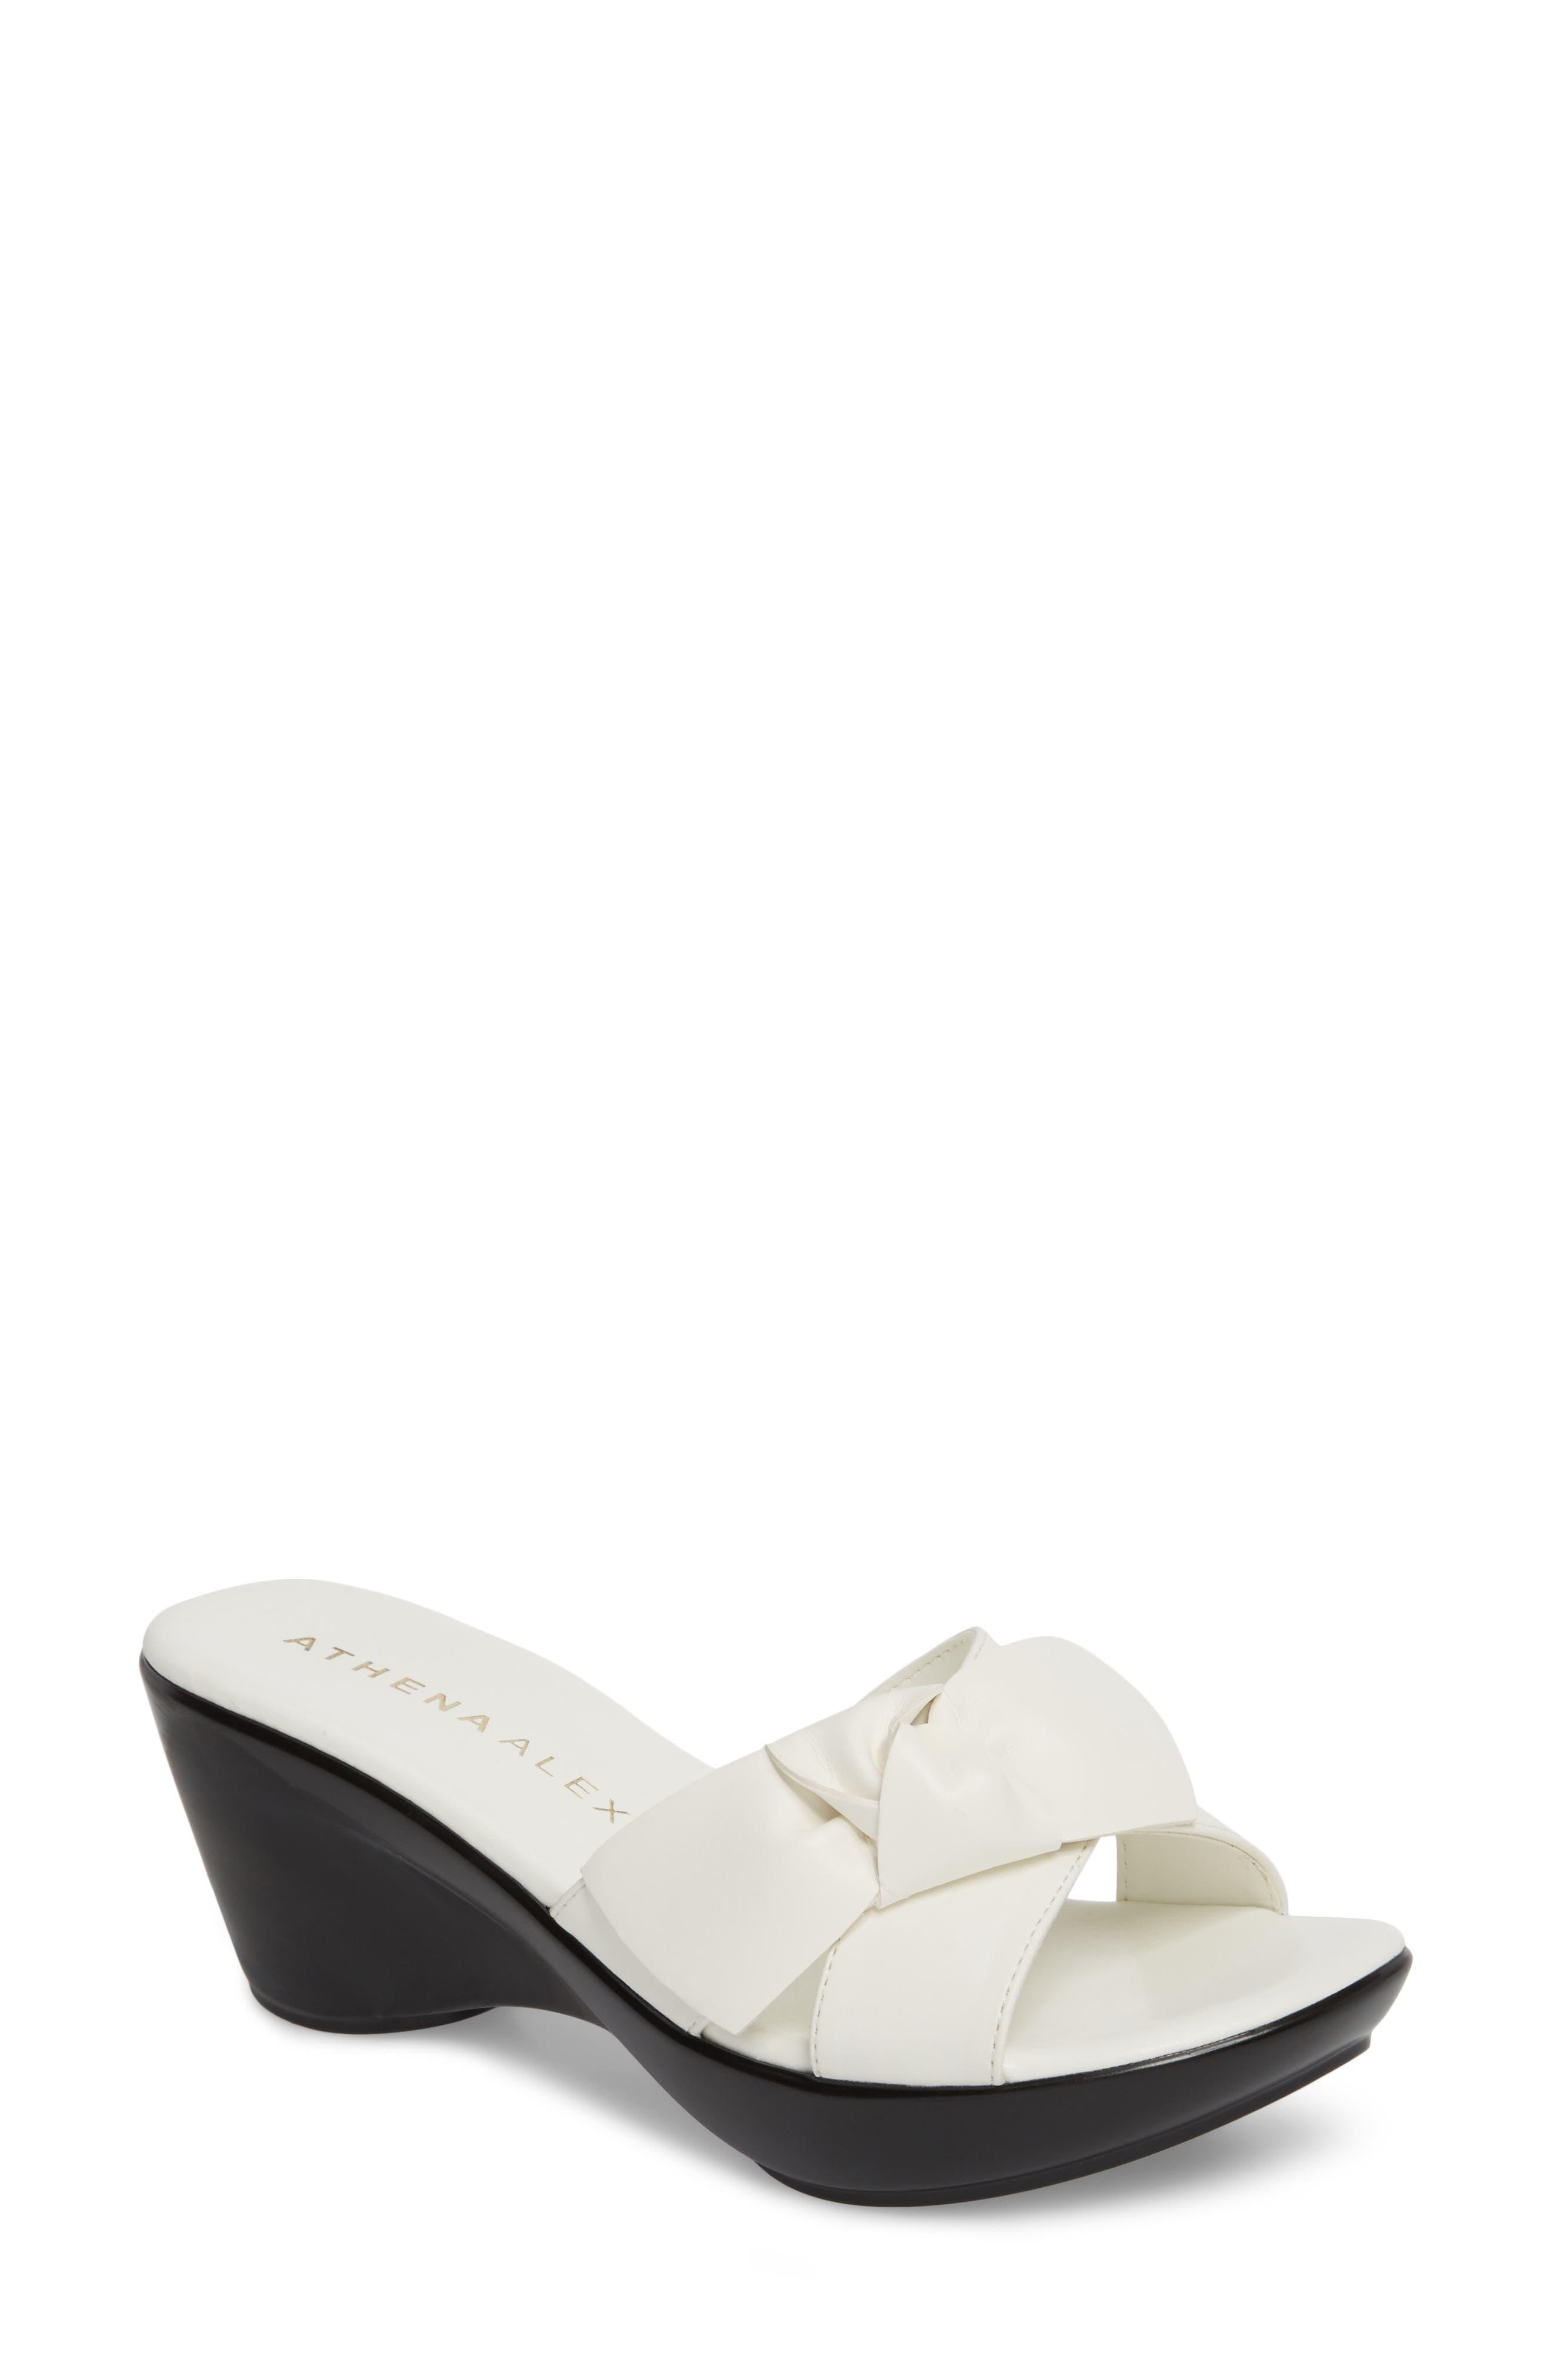 Athena Alexander Giada Wedge Sandal, White